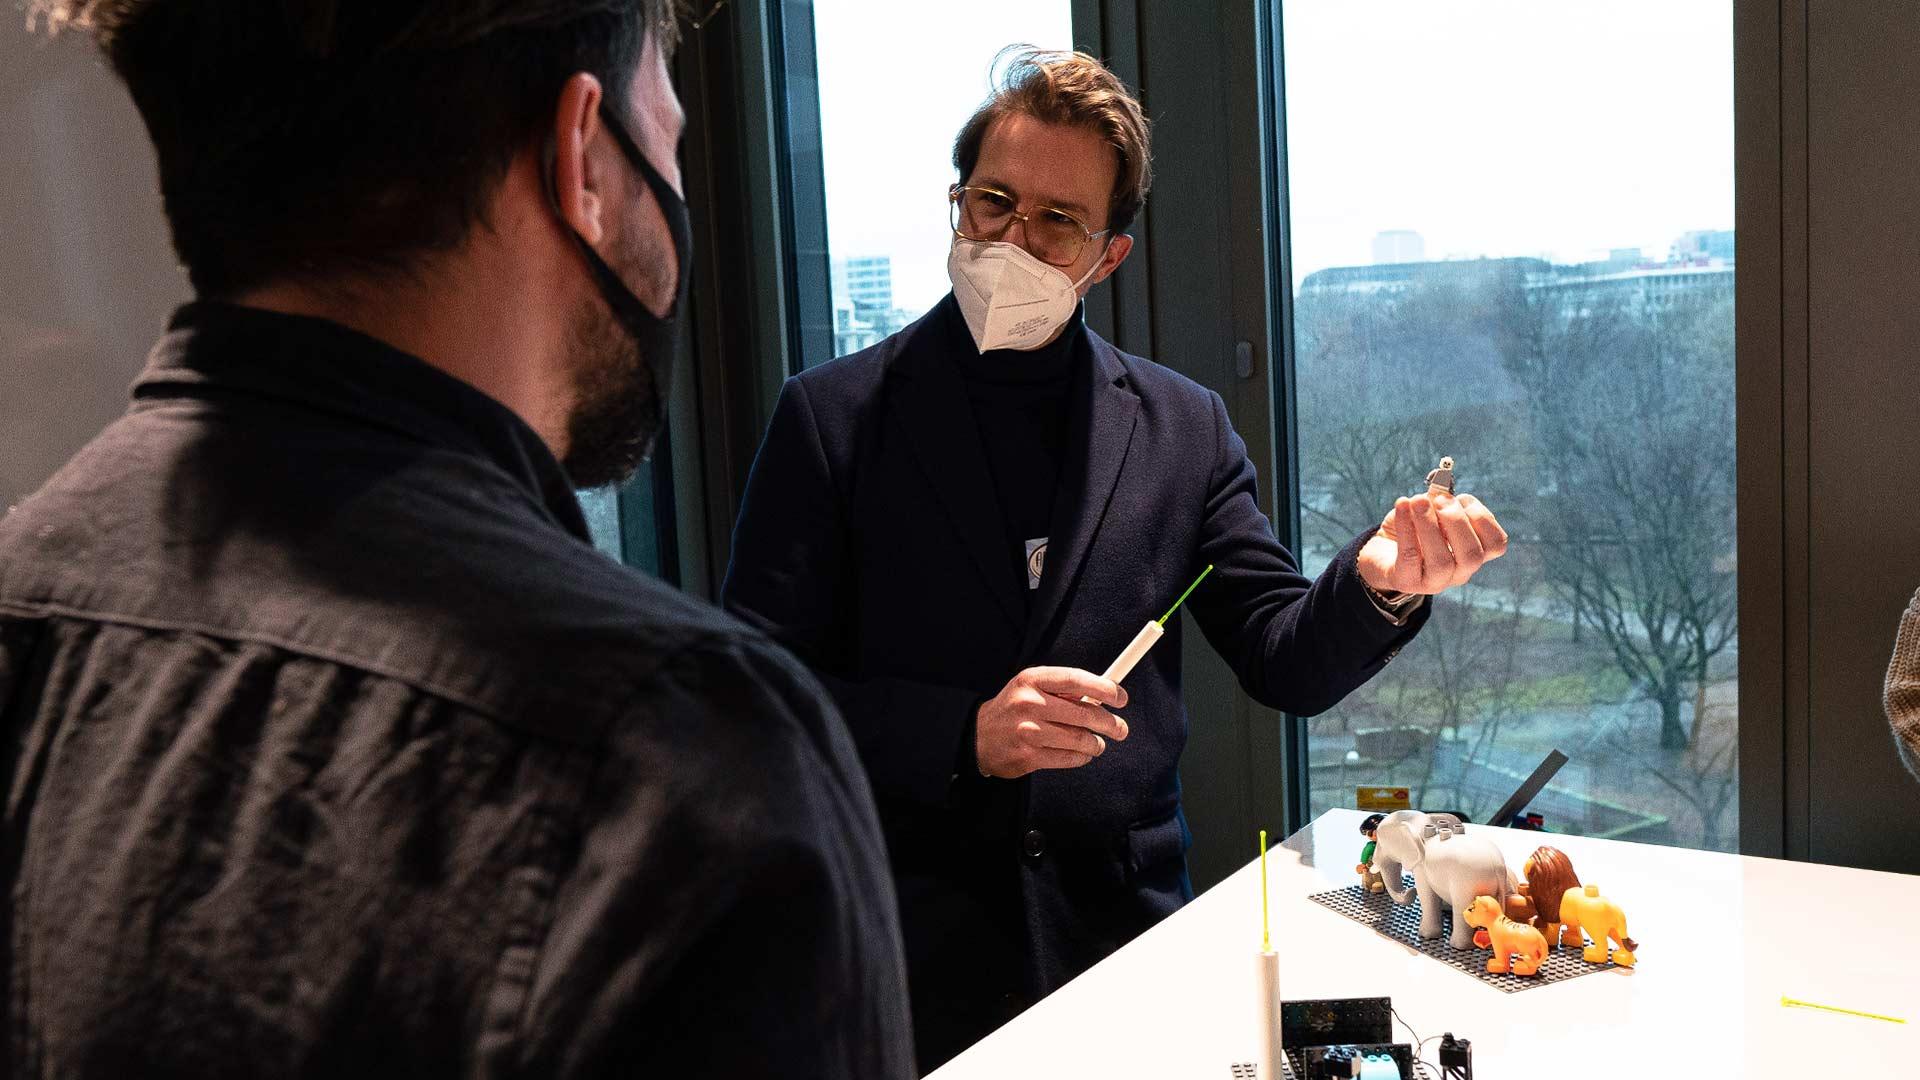 Man with mask explaining something with Lego